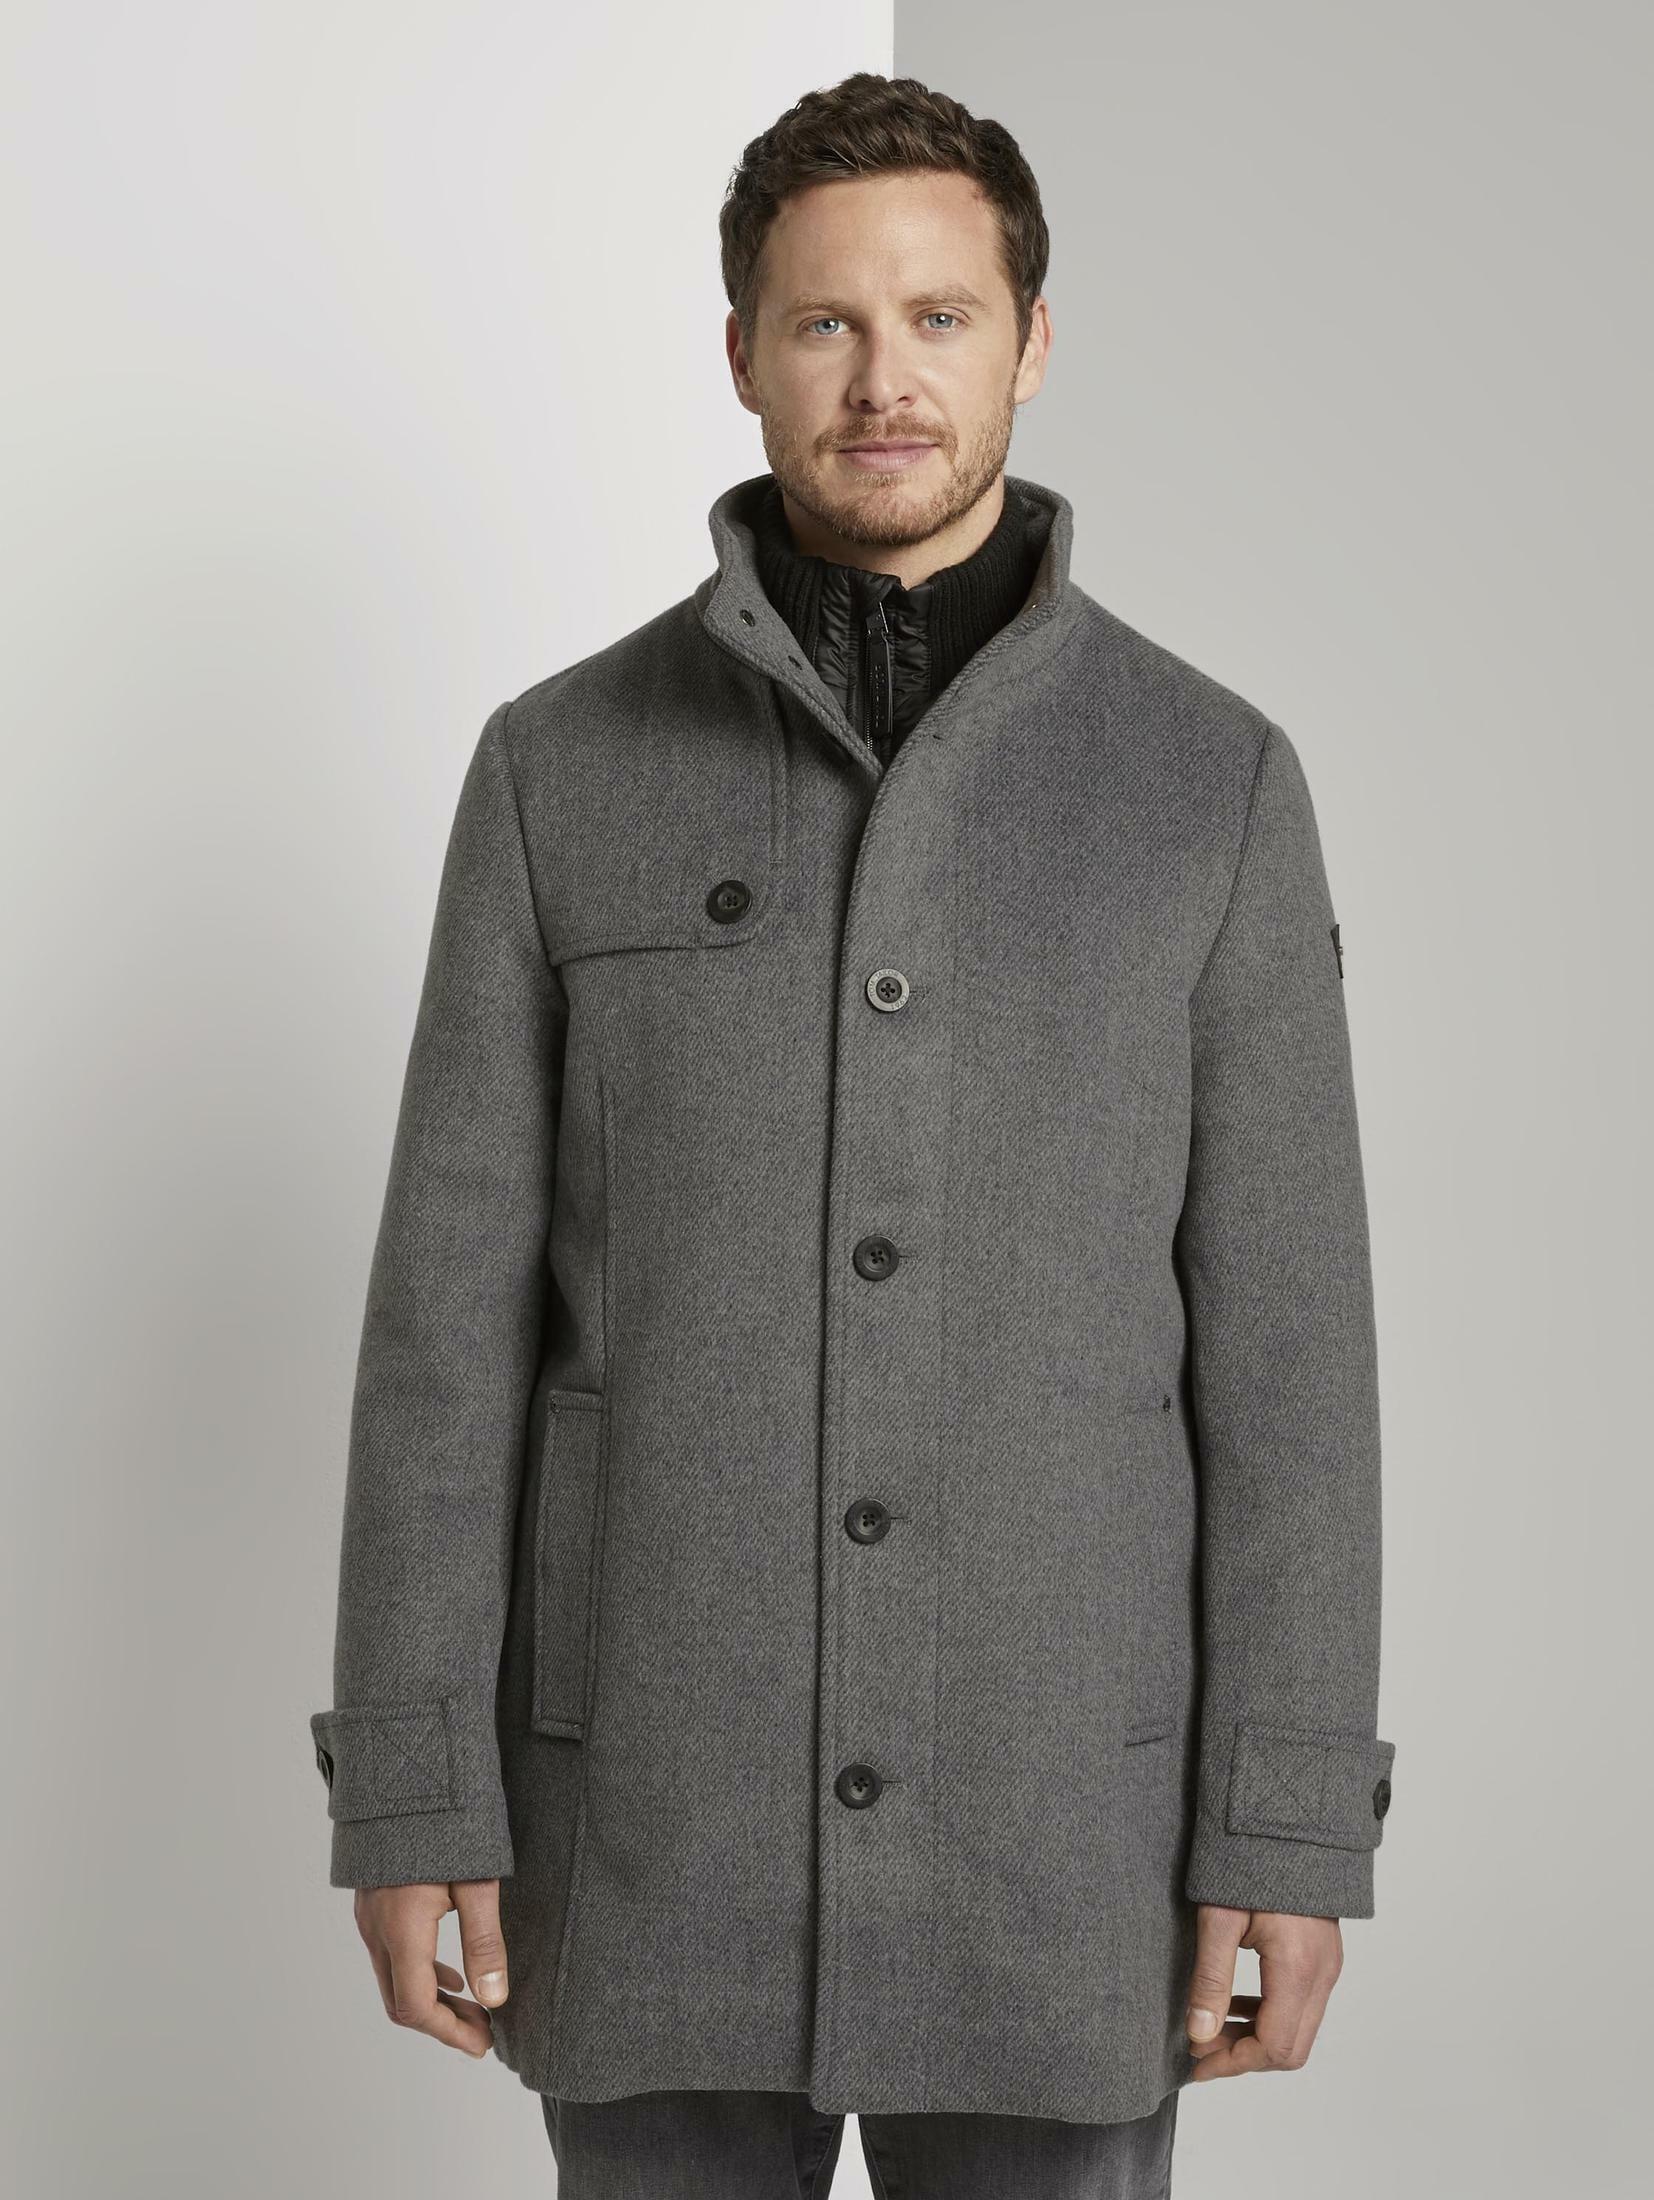 tom tailor -  Wollmantel Stehkragen Mantel aus Wollmischung